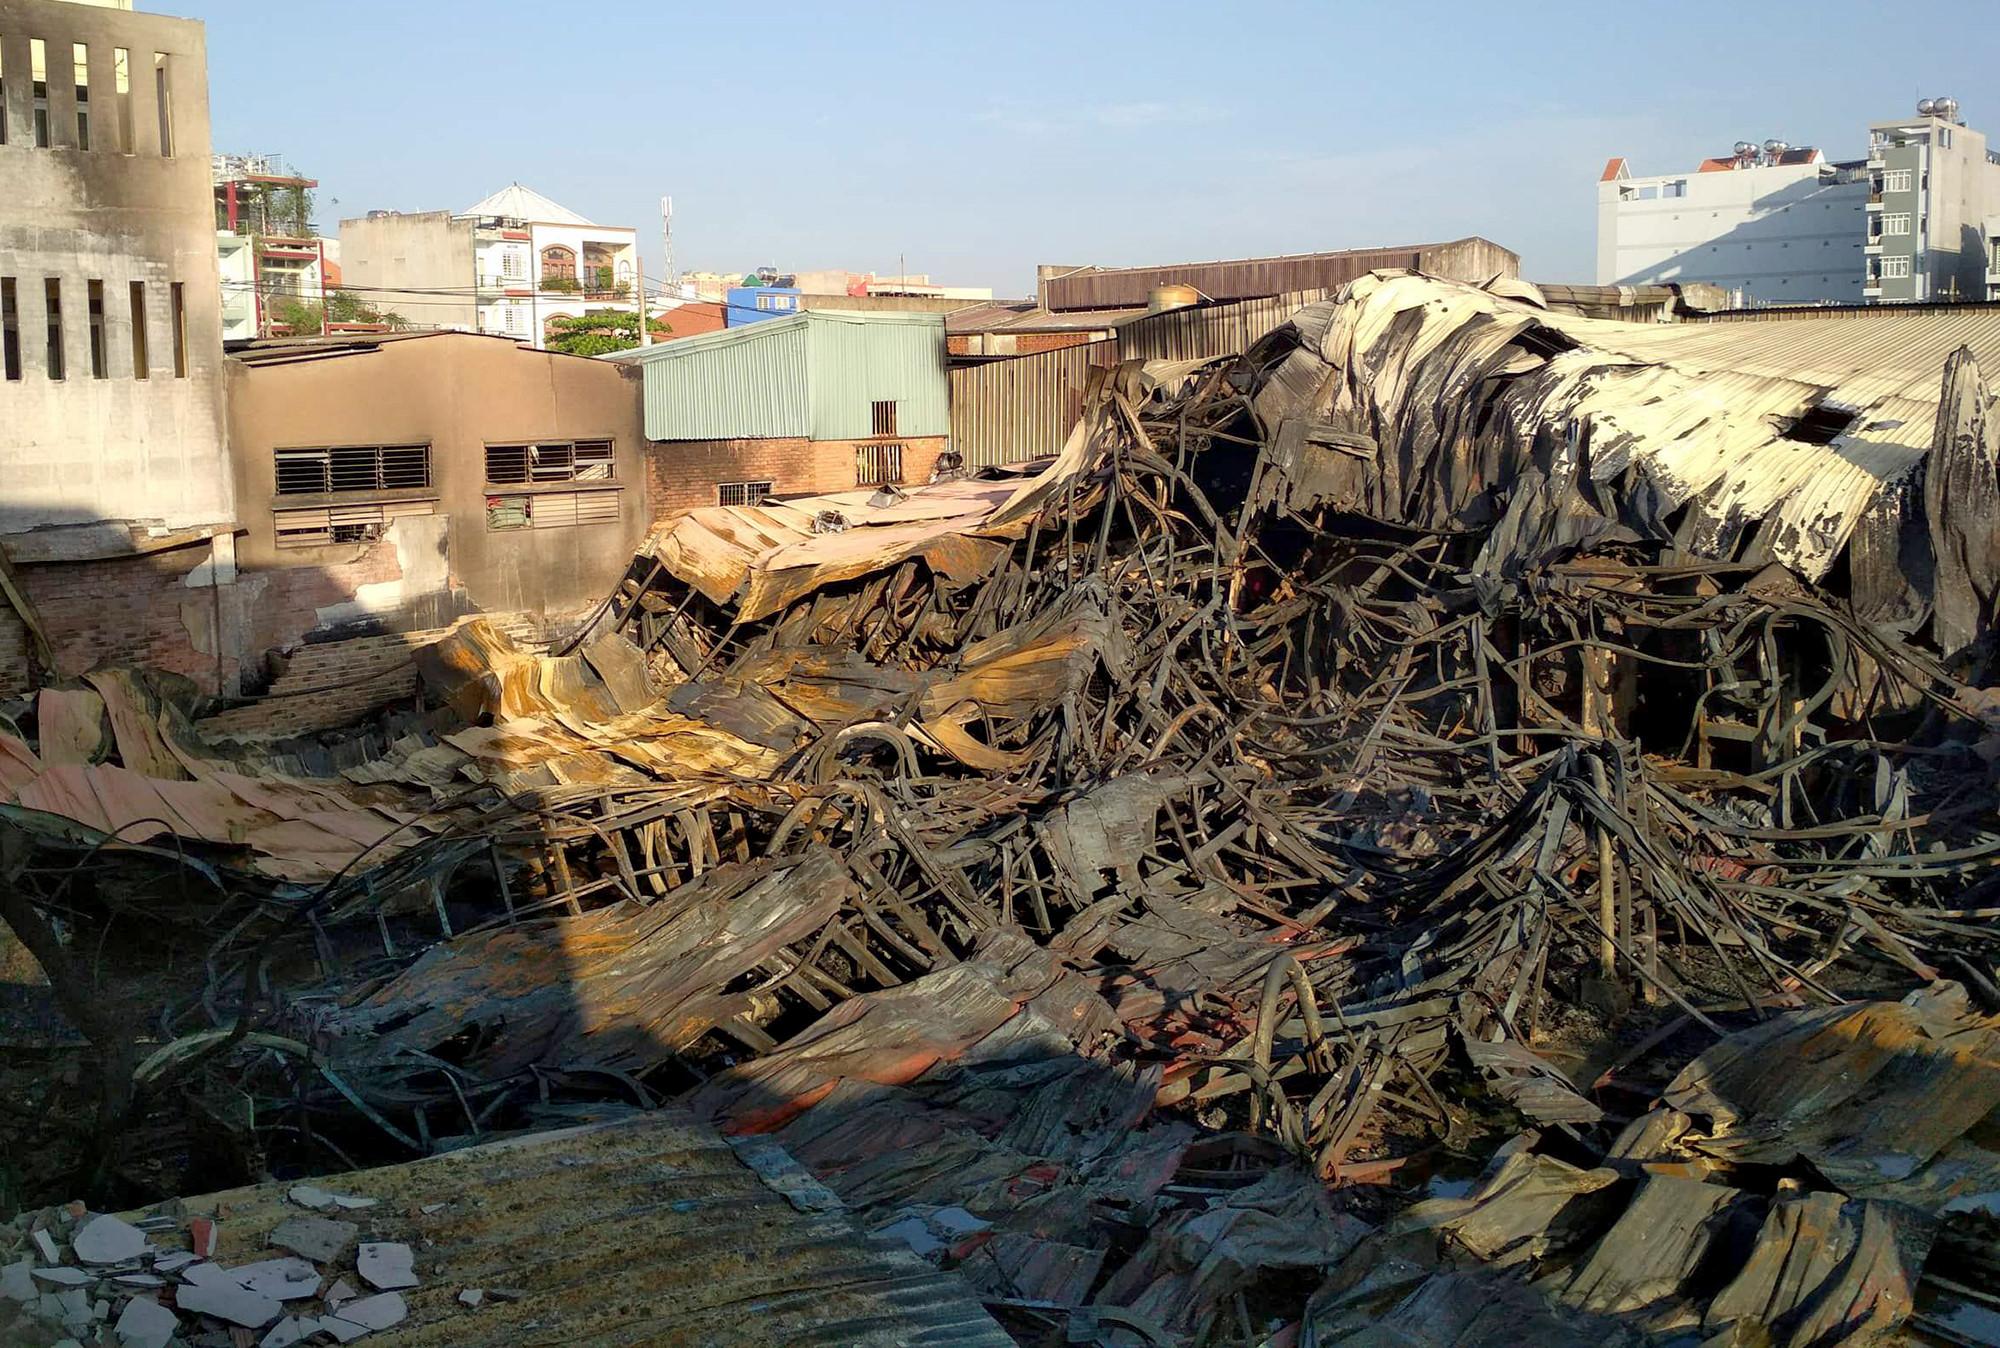 Hơn 1.500 m2 nhà xưởng tan hoang sau vụ cháy lớn ở Sài Gòn